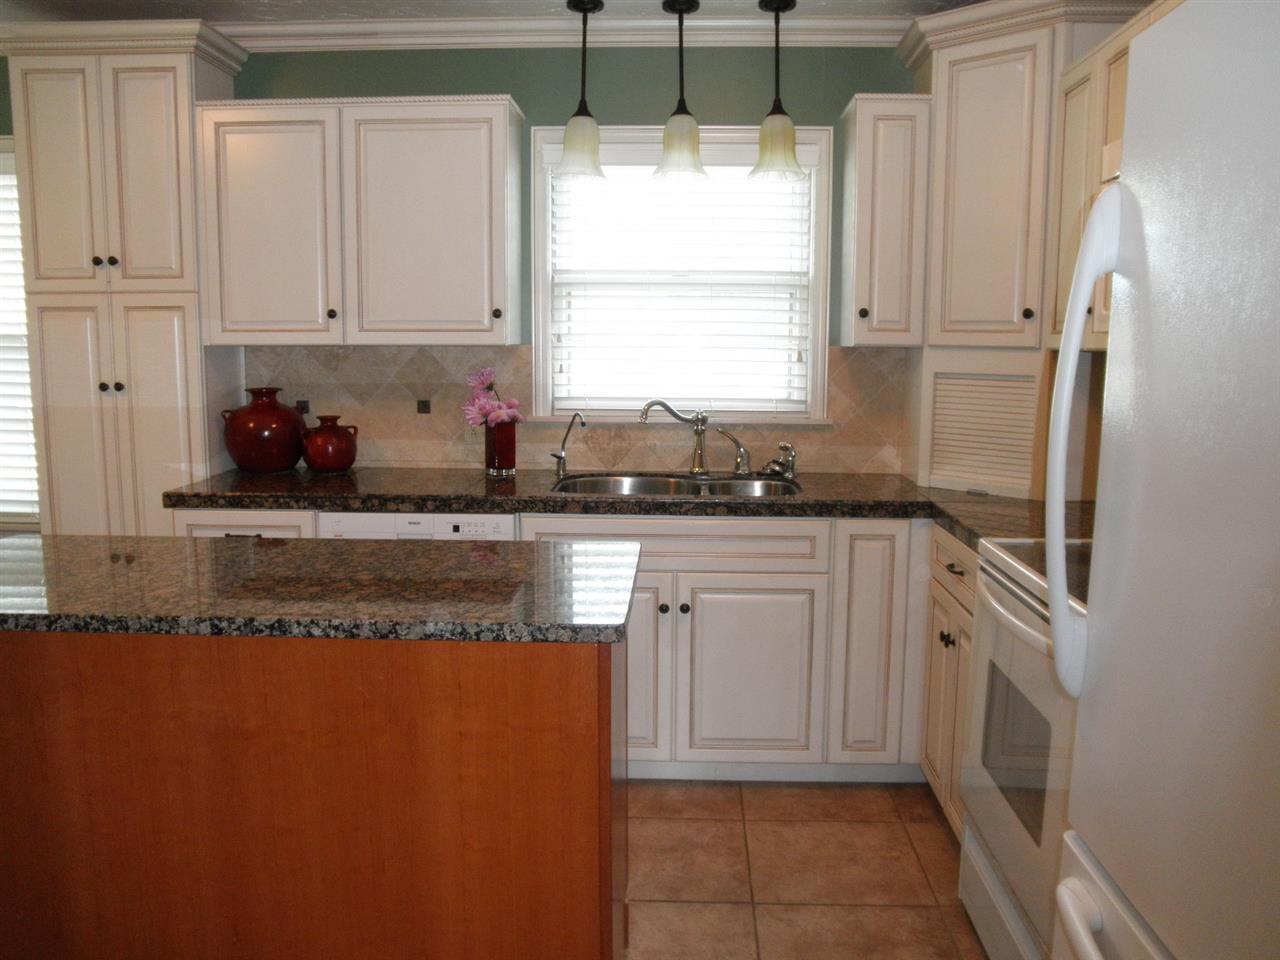 Sold Cross Sale W/ MLS | 1227 S Main  Blackwell, OK 74631 11